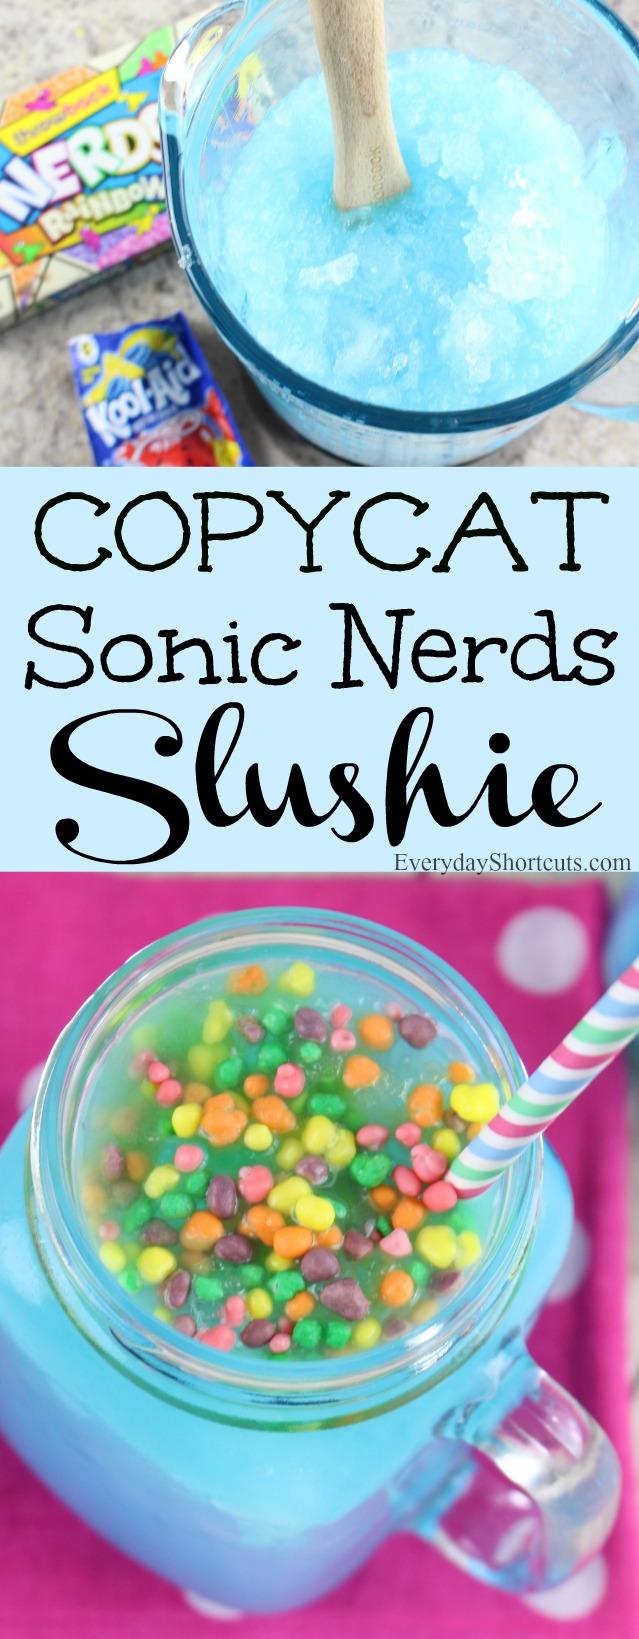 copycat-nerds-slushie